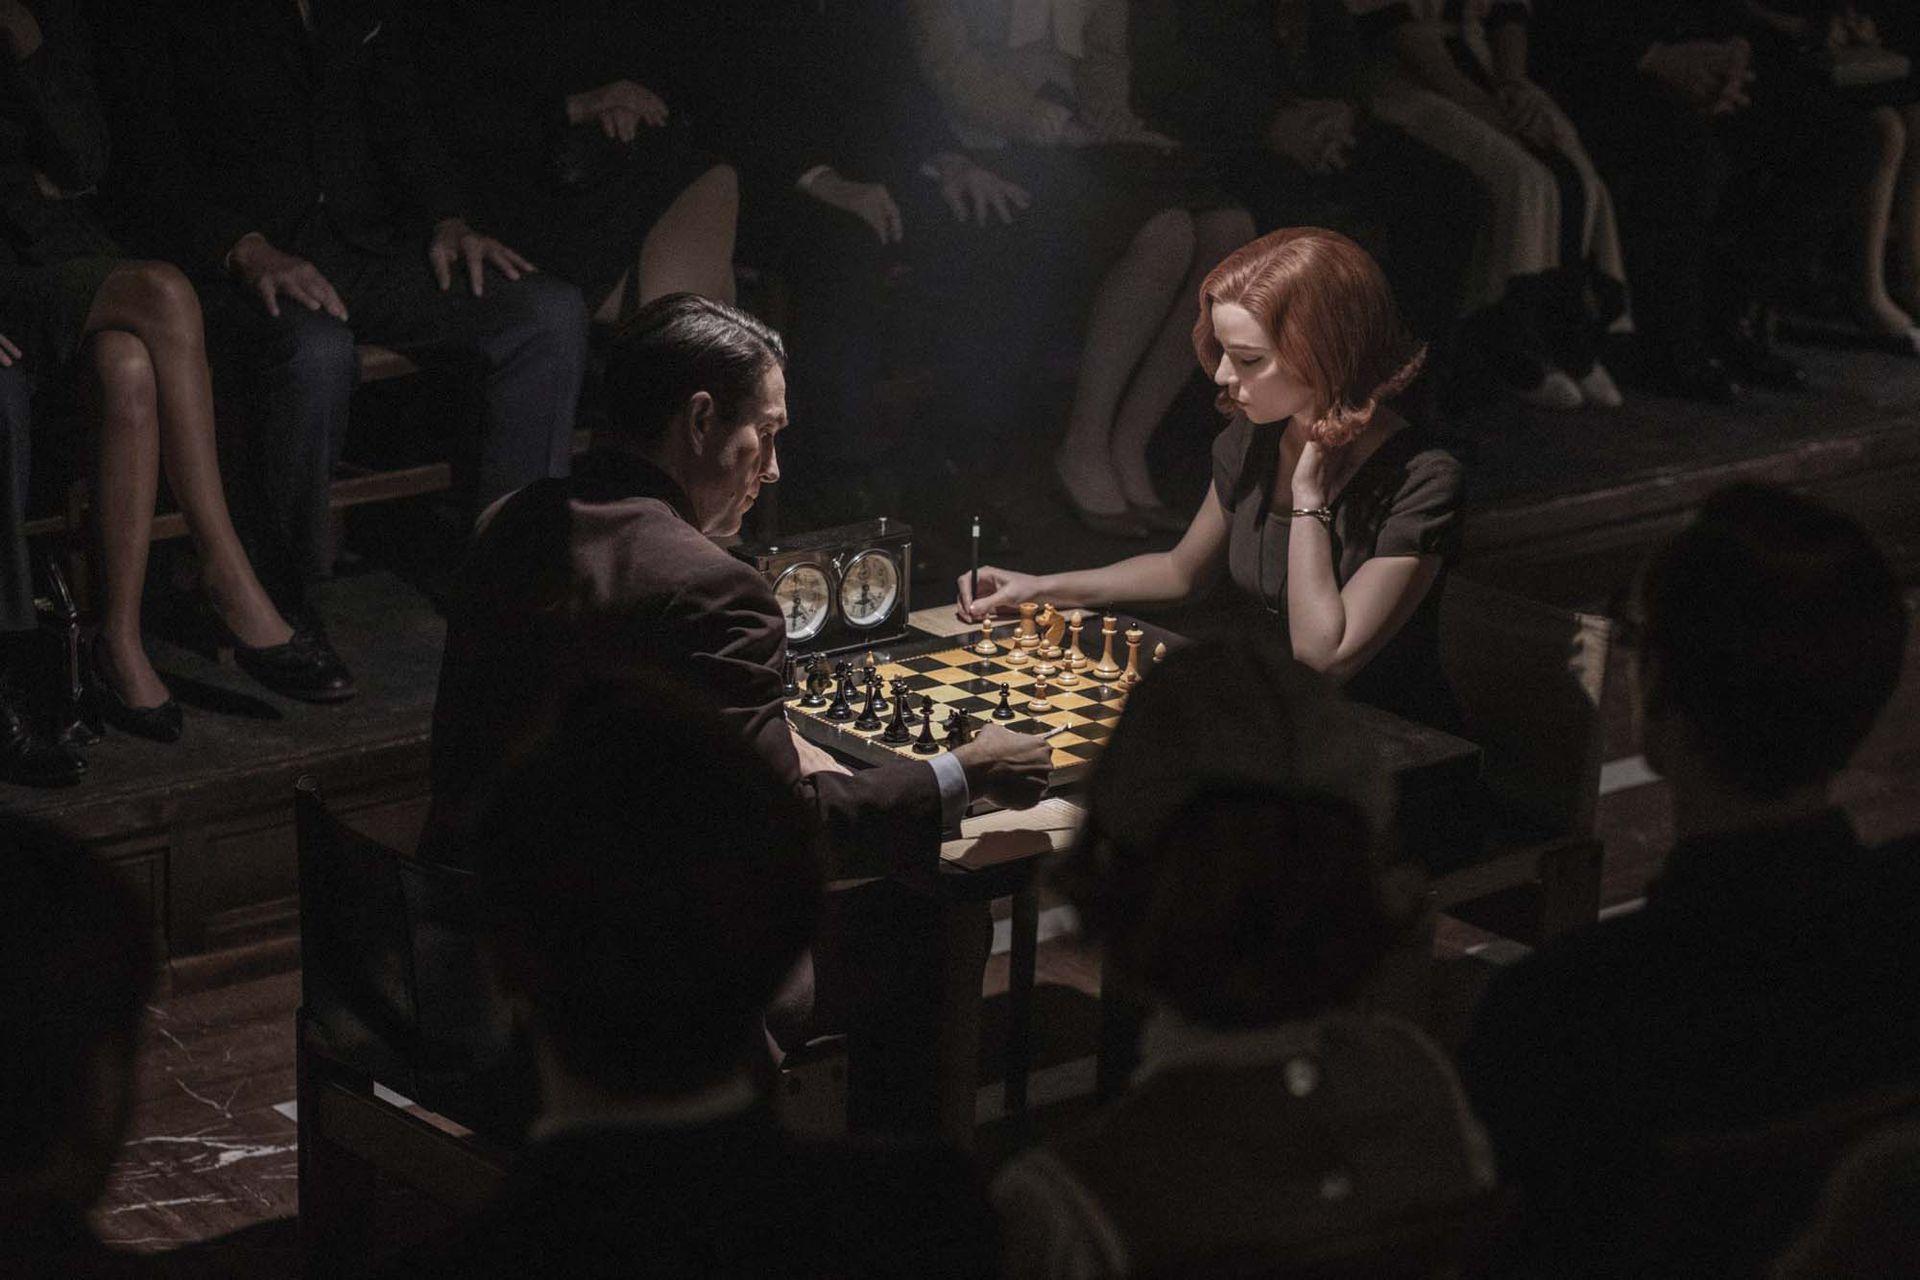 Una escena de la serie Gambito de reina